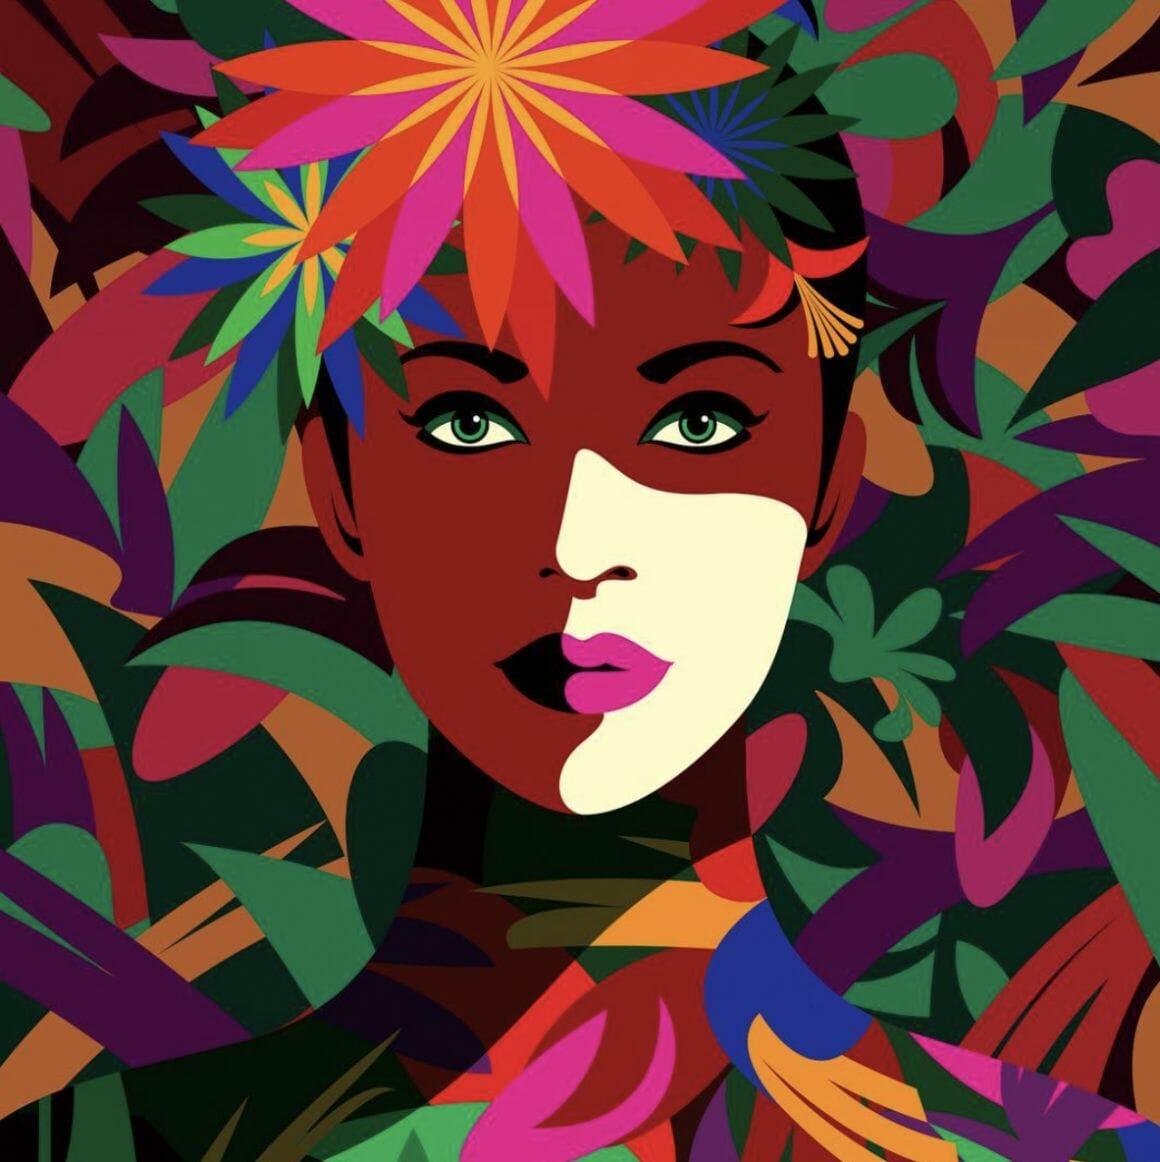 Spring to mind, illustration de Malika Favre